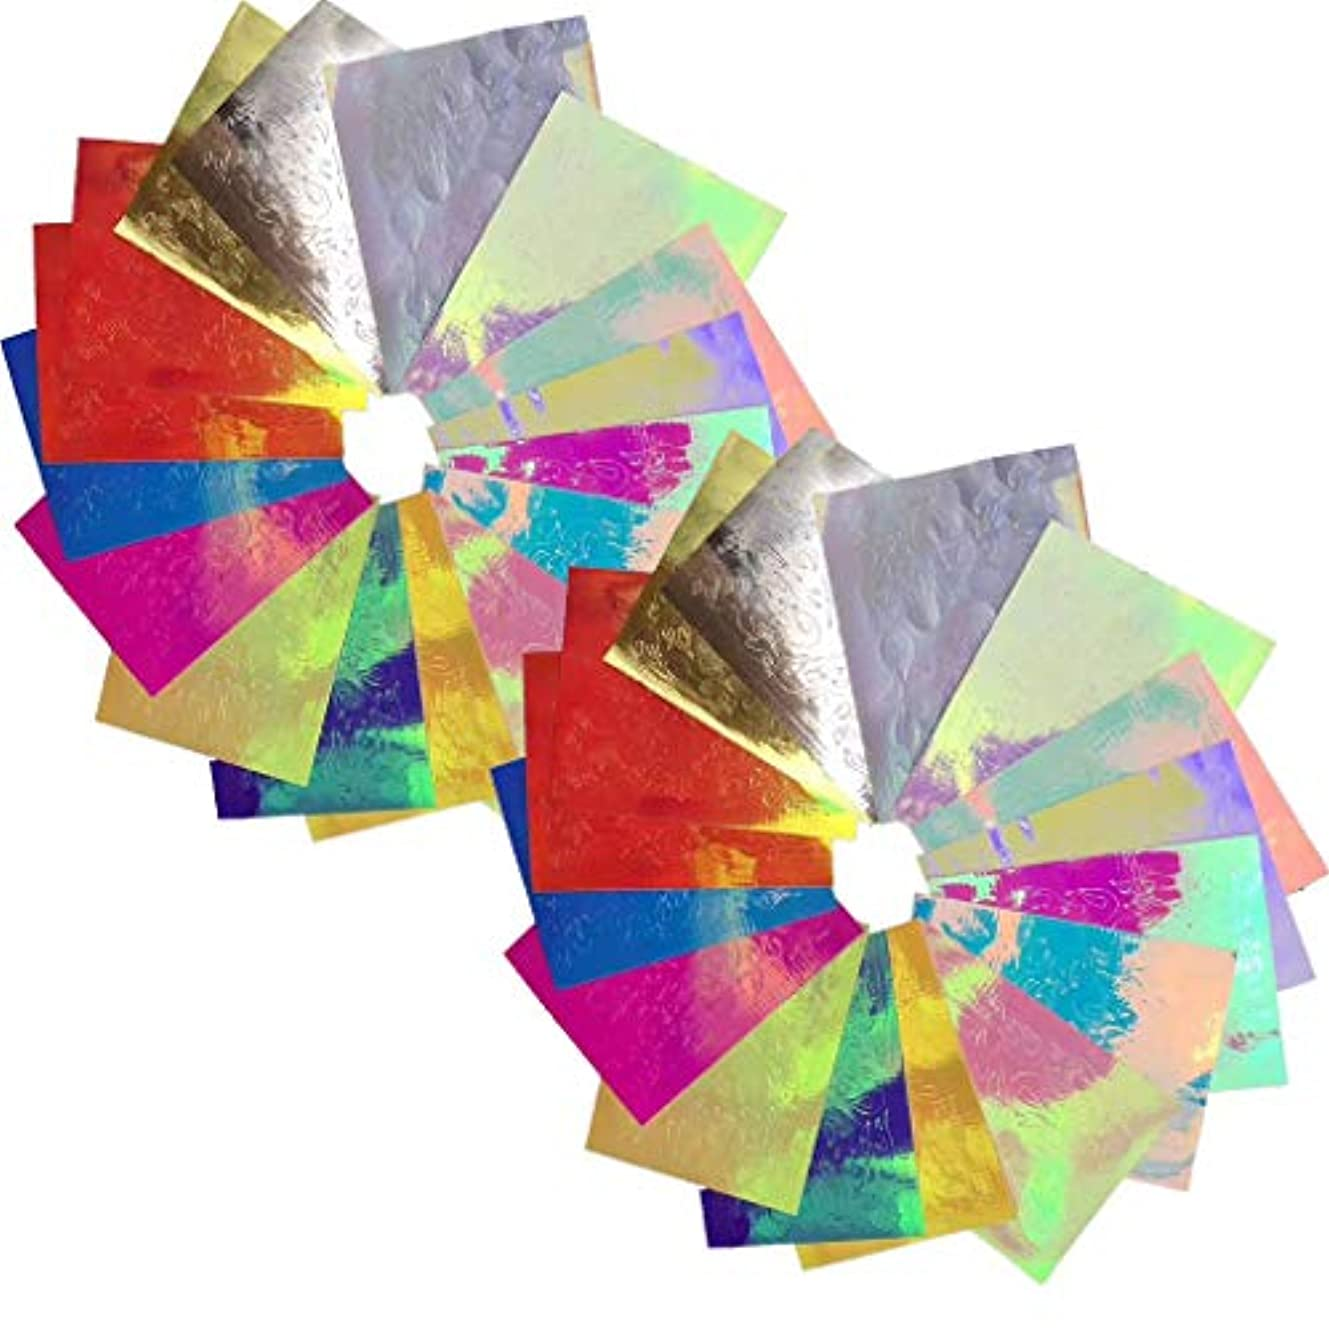 チートインキュバス驚くばかりtopshop ネイルステッカー貼るだけマニキュア ネイルアート ネイルラップ ネイルアクセサリー女性 レディースプレゼント ギフト 可愛い 人気 おしゃれな上級ネイルシール (8 PCS A)